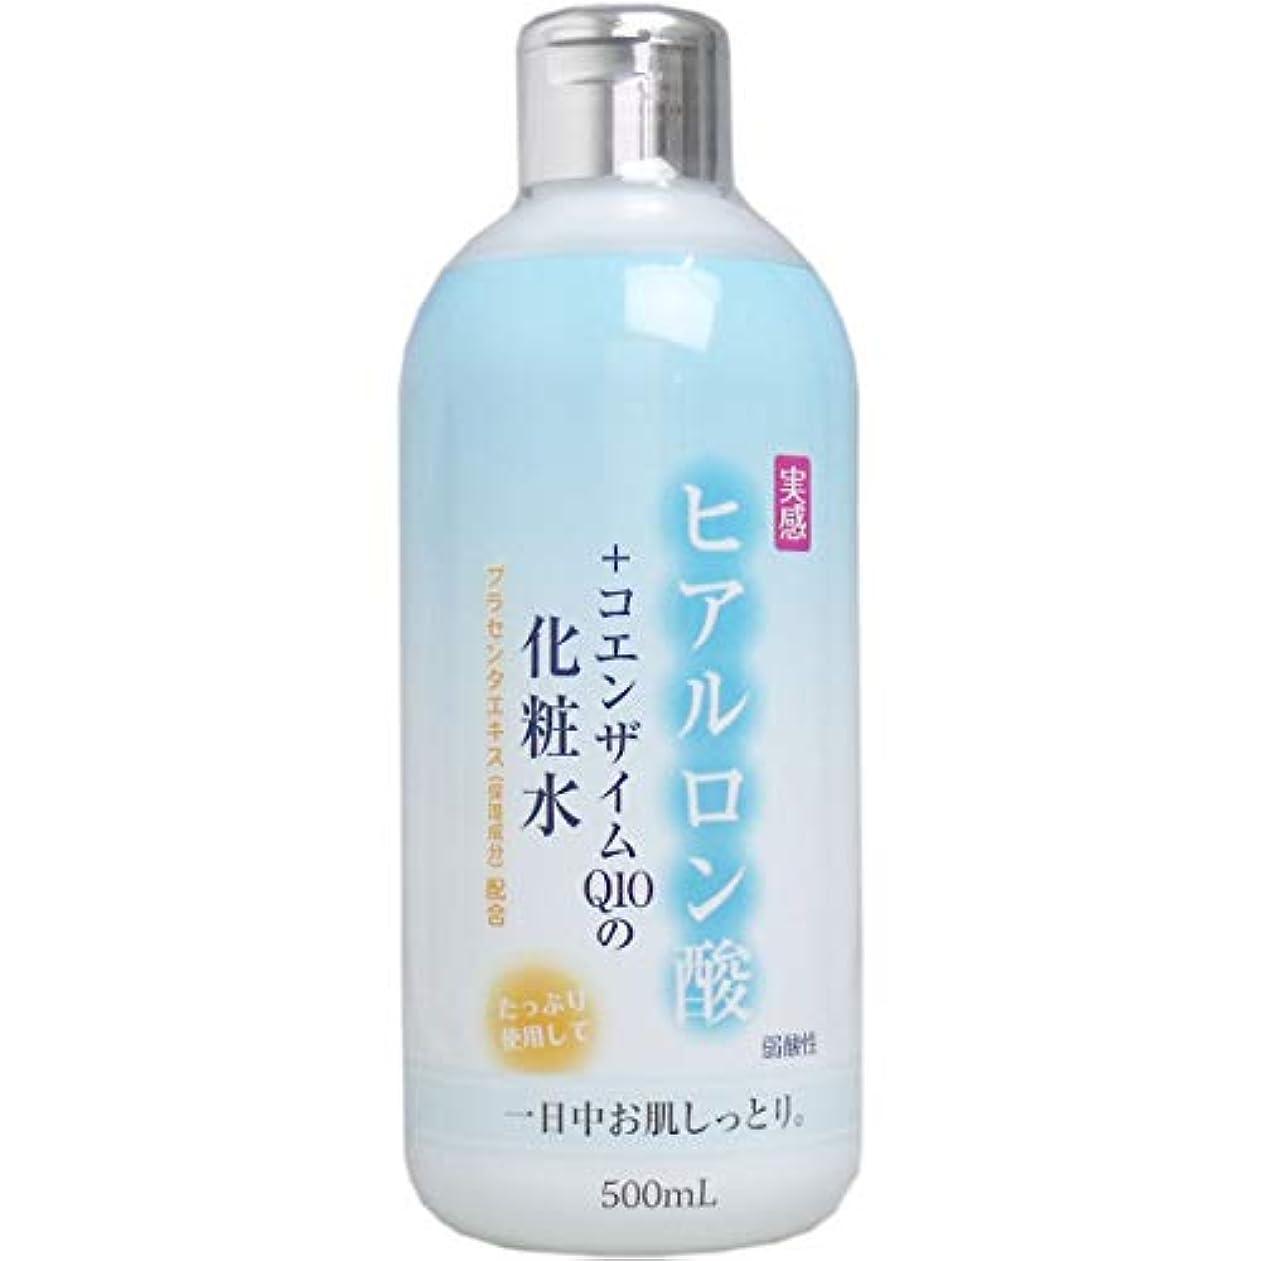 チート希望に満ちた評判ヒアルロン酸+コエンザイムQ10 化粧水 500mL